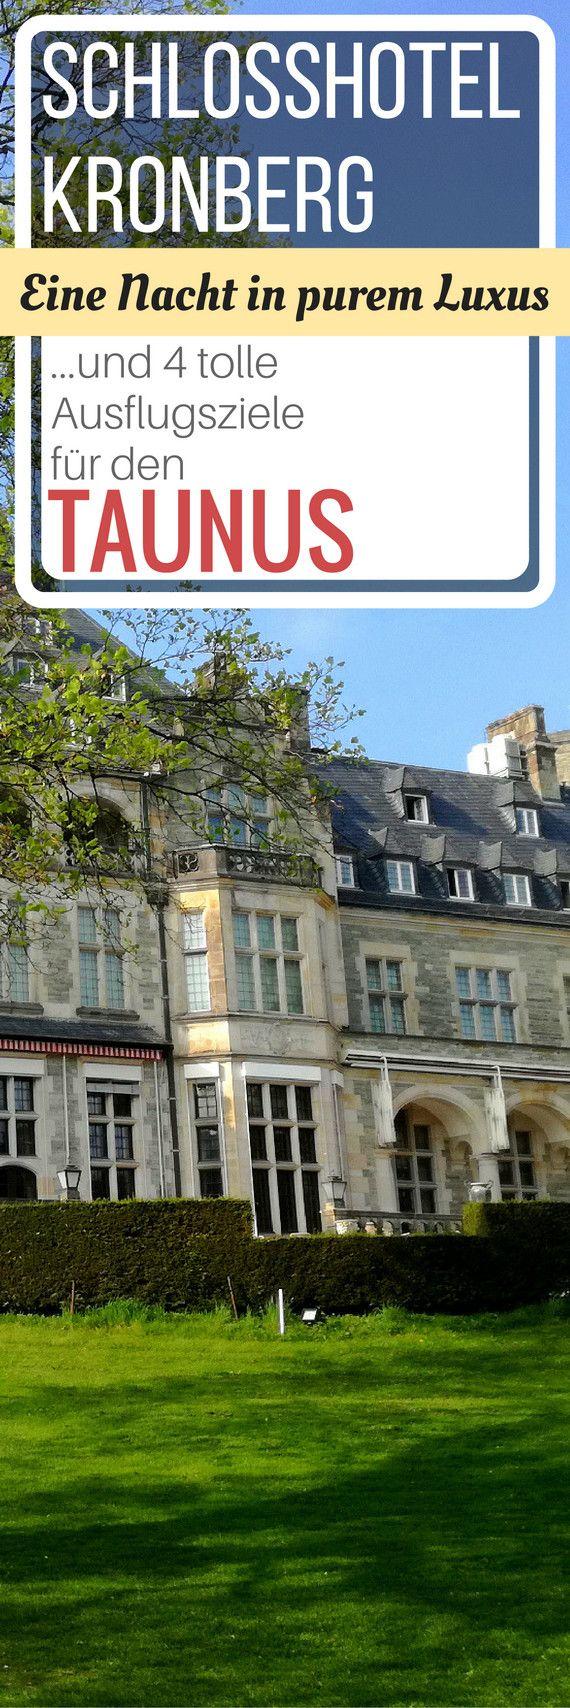 Übernachten im Schlosshotel Kronberg: Luxus pur und Ausflugsziele im Taunus